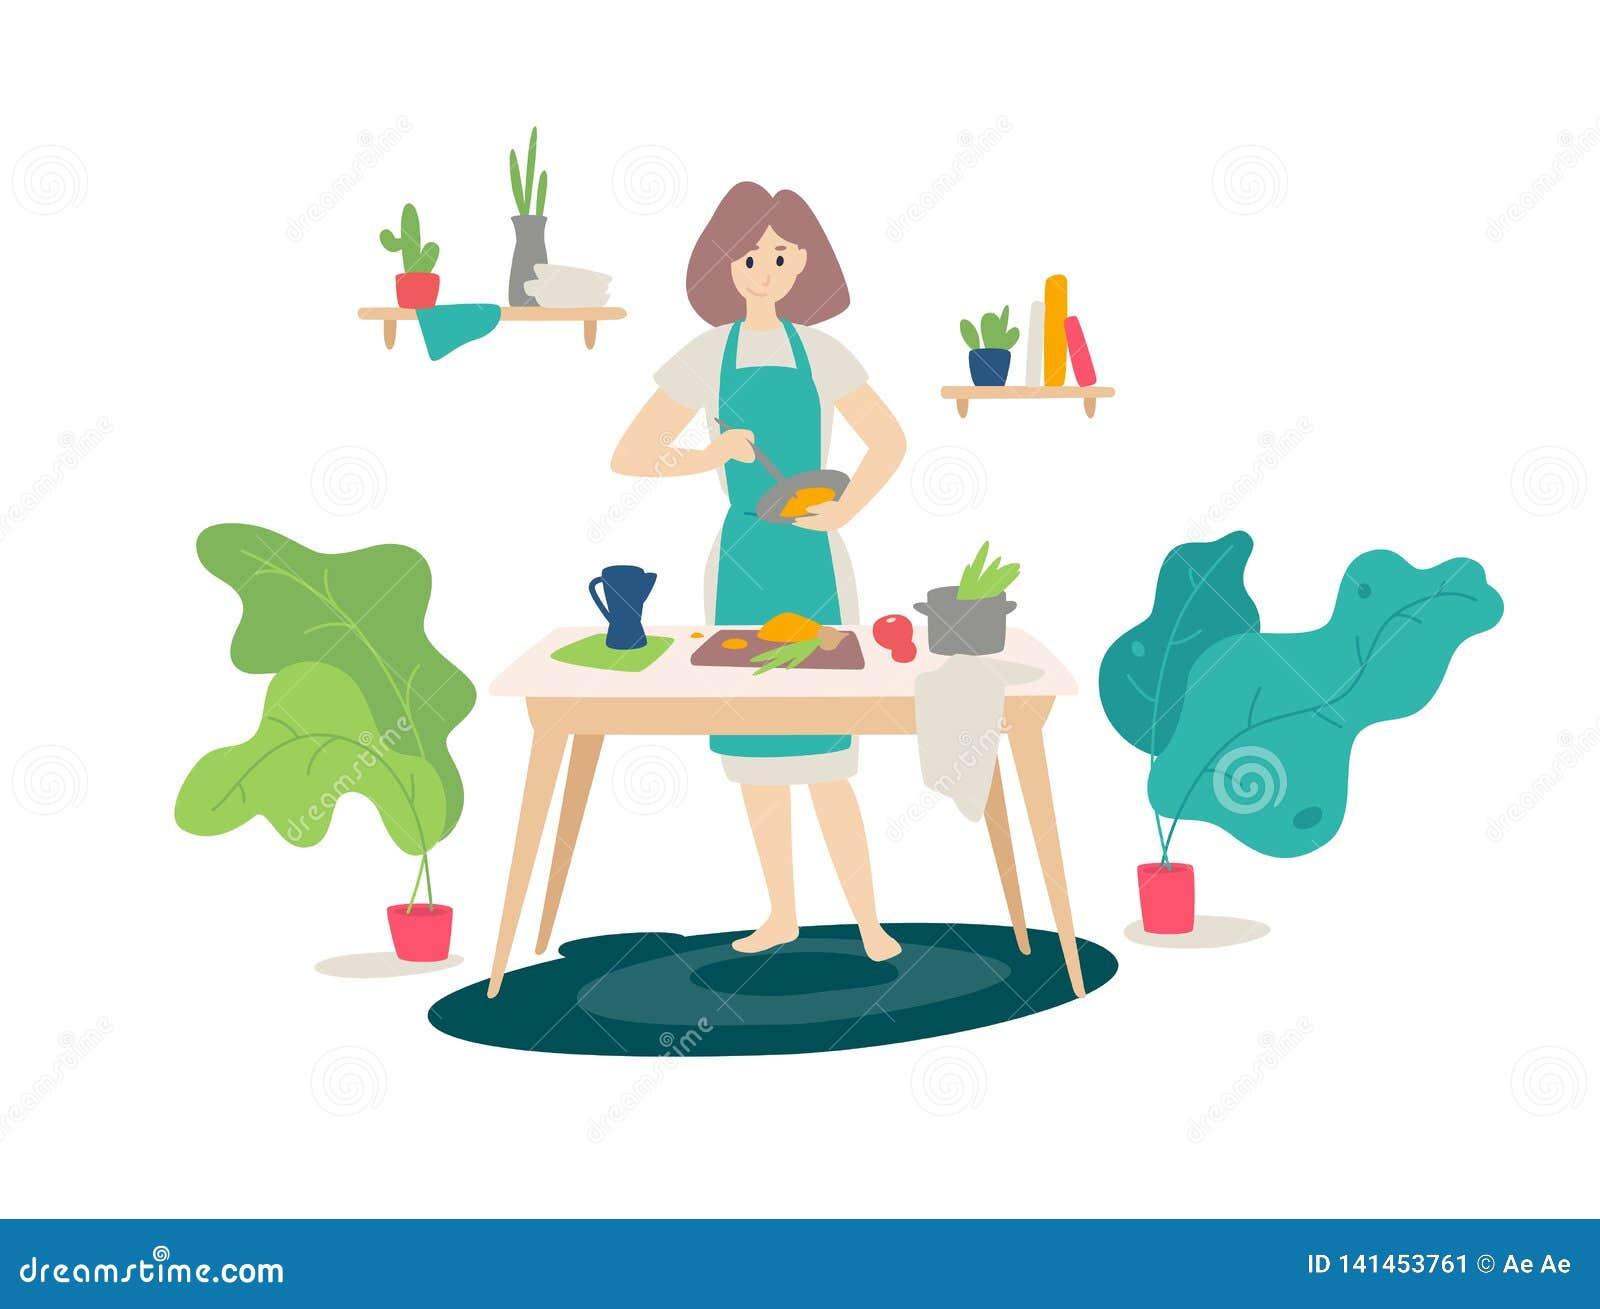 Απεικόνιση ενός κοριτσιού σε ένα μαγείρεμα ποδιών στην κουζίνα διάνυσμα Επίπεδο ύφος κινούμενων σχεδίων Γυναίκα στο μαγείρεμα Σπι